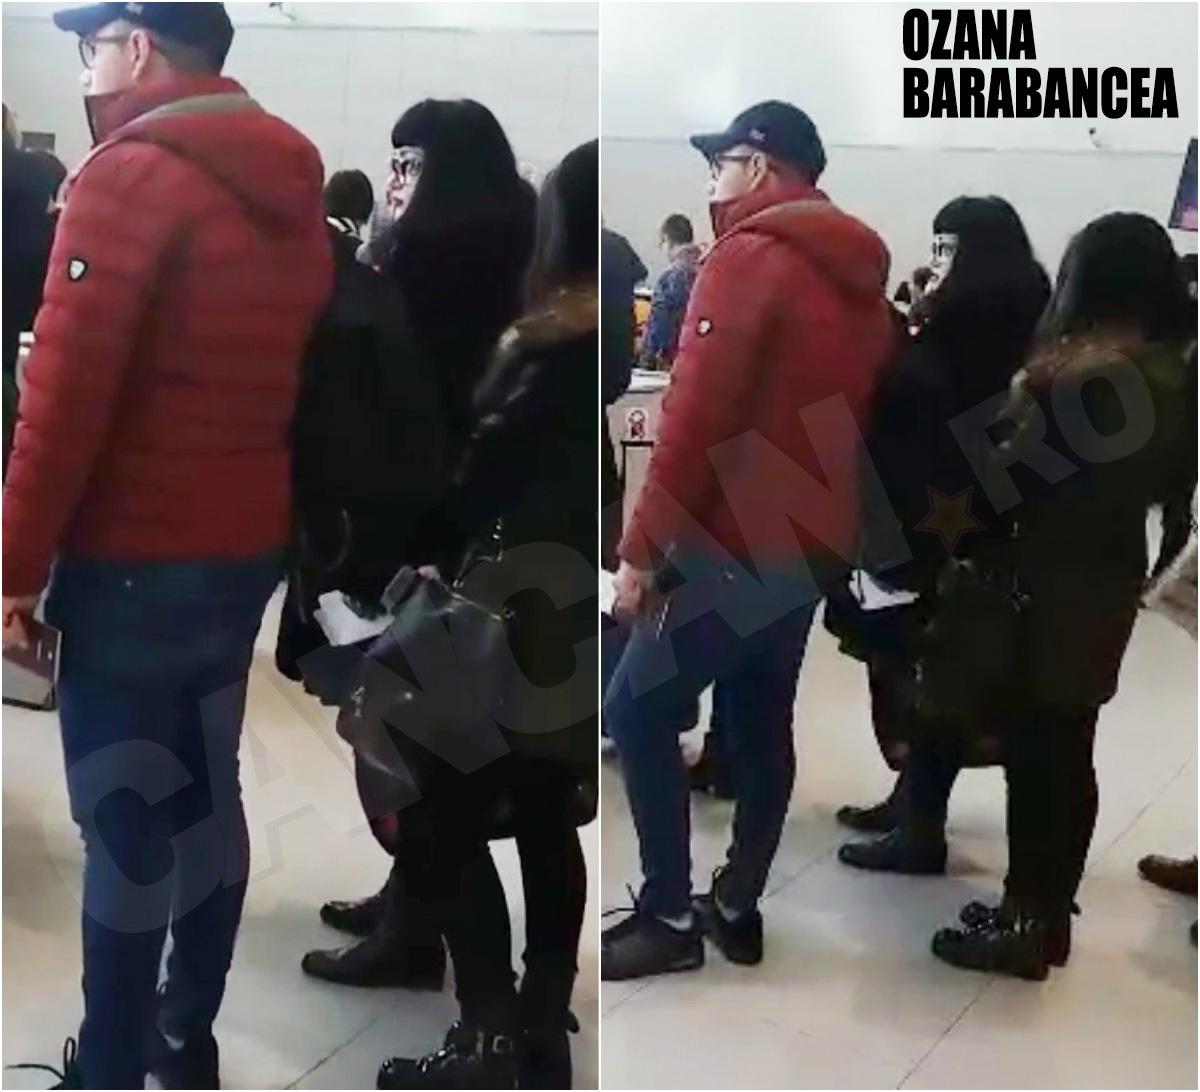 Am întâlnit-o pe Ozana Barabancea pe aeroport